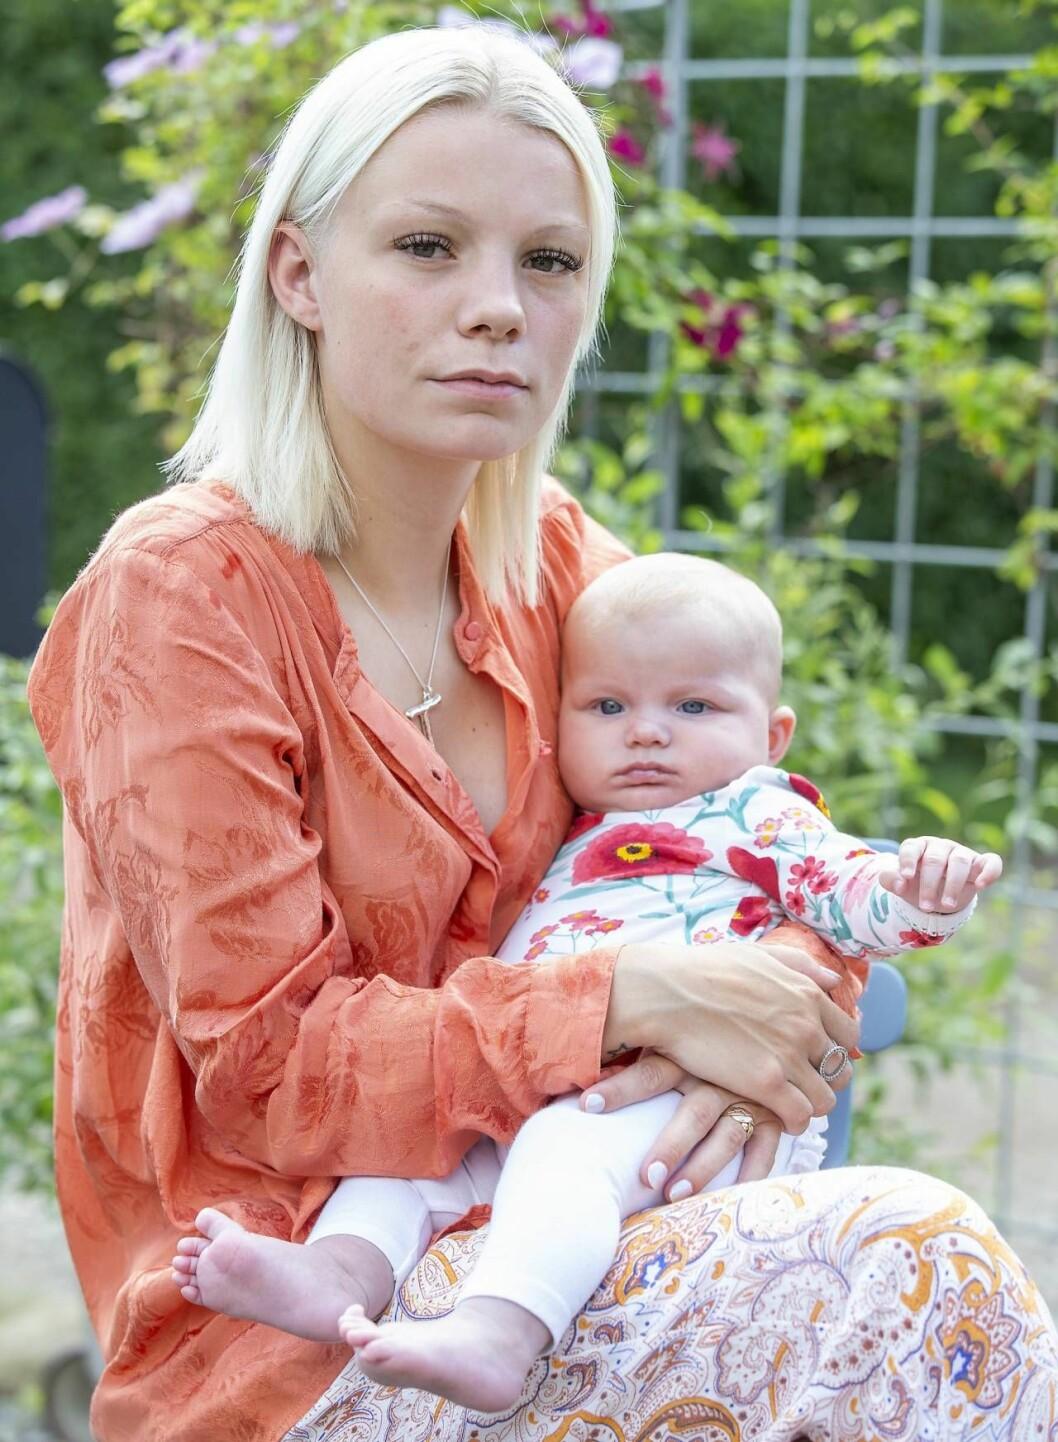 Liv sitter med sin dotter i famnen. Nu är hon ensam förälder efter att mannen dött i en bilolycka.